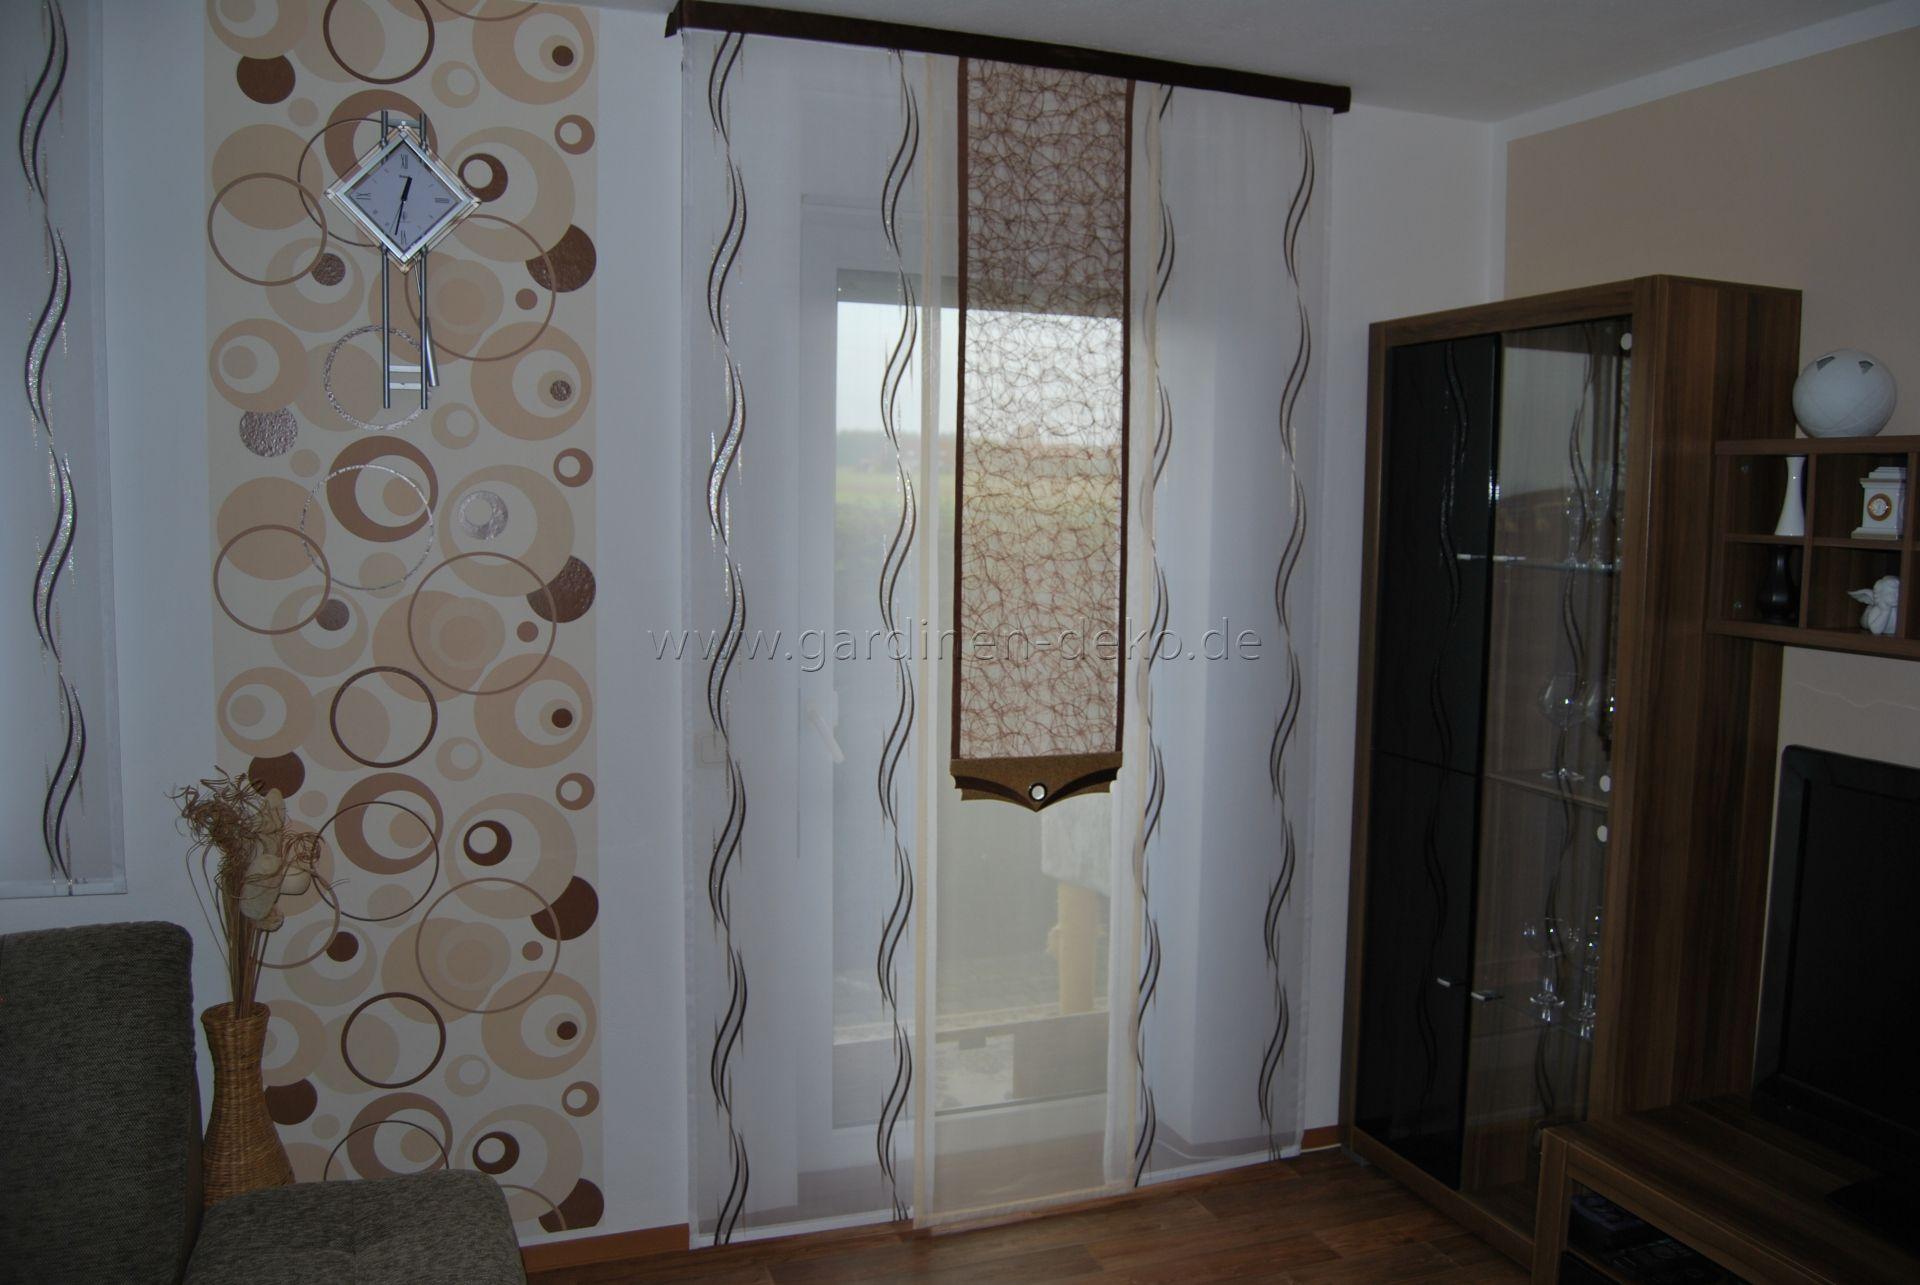 Wohnzimmer Schiebevorhang in weibraun mit mittigem Netz